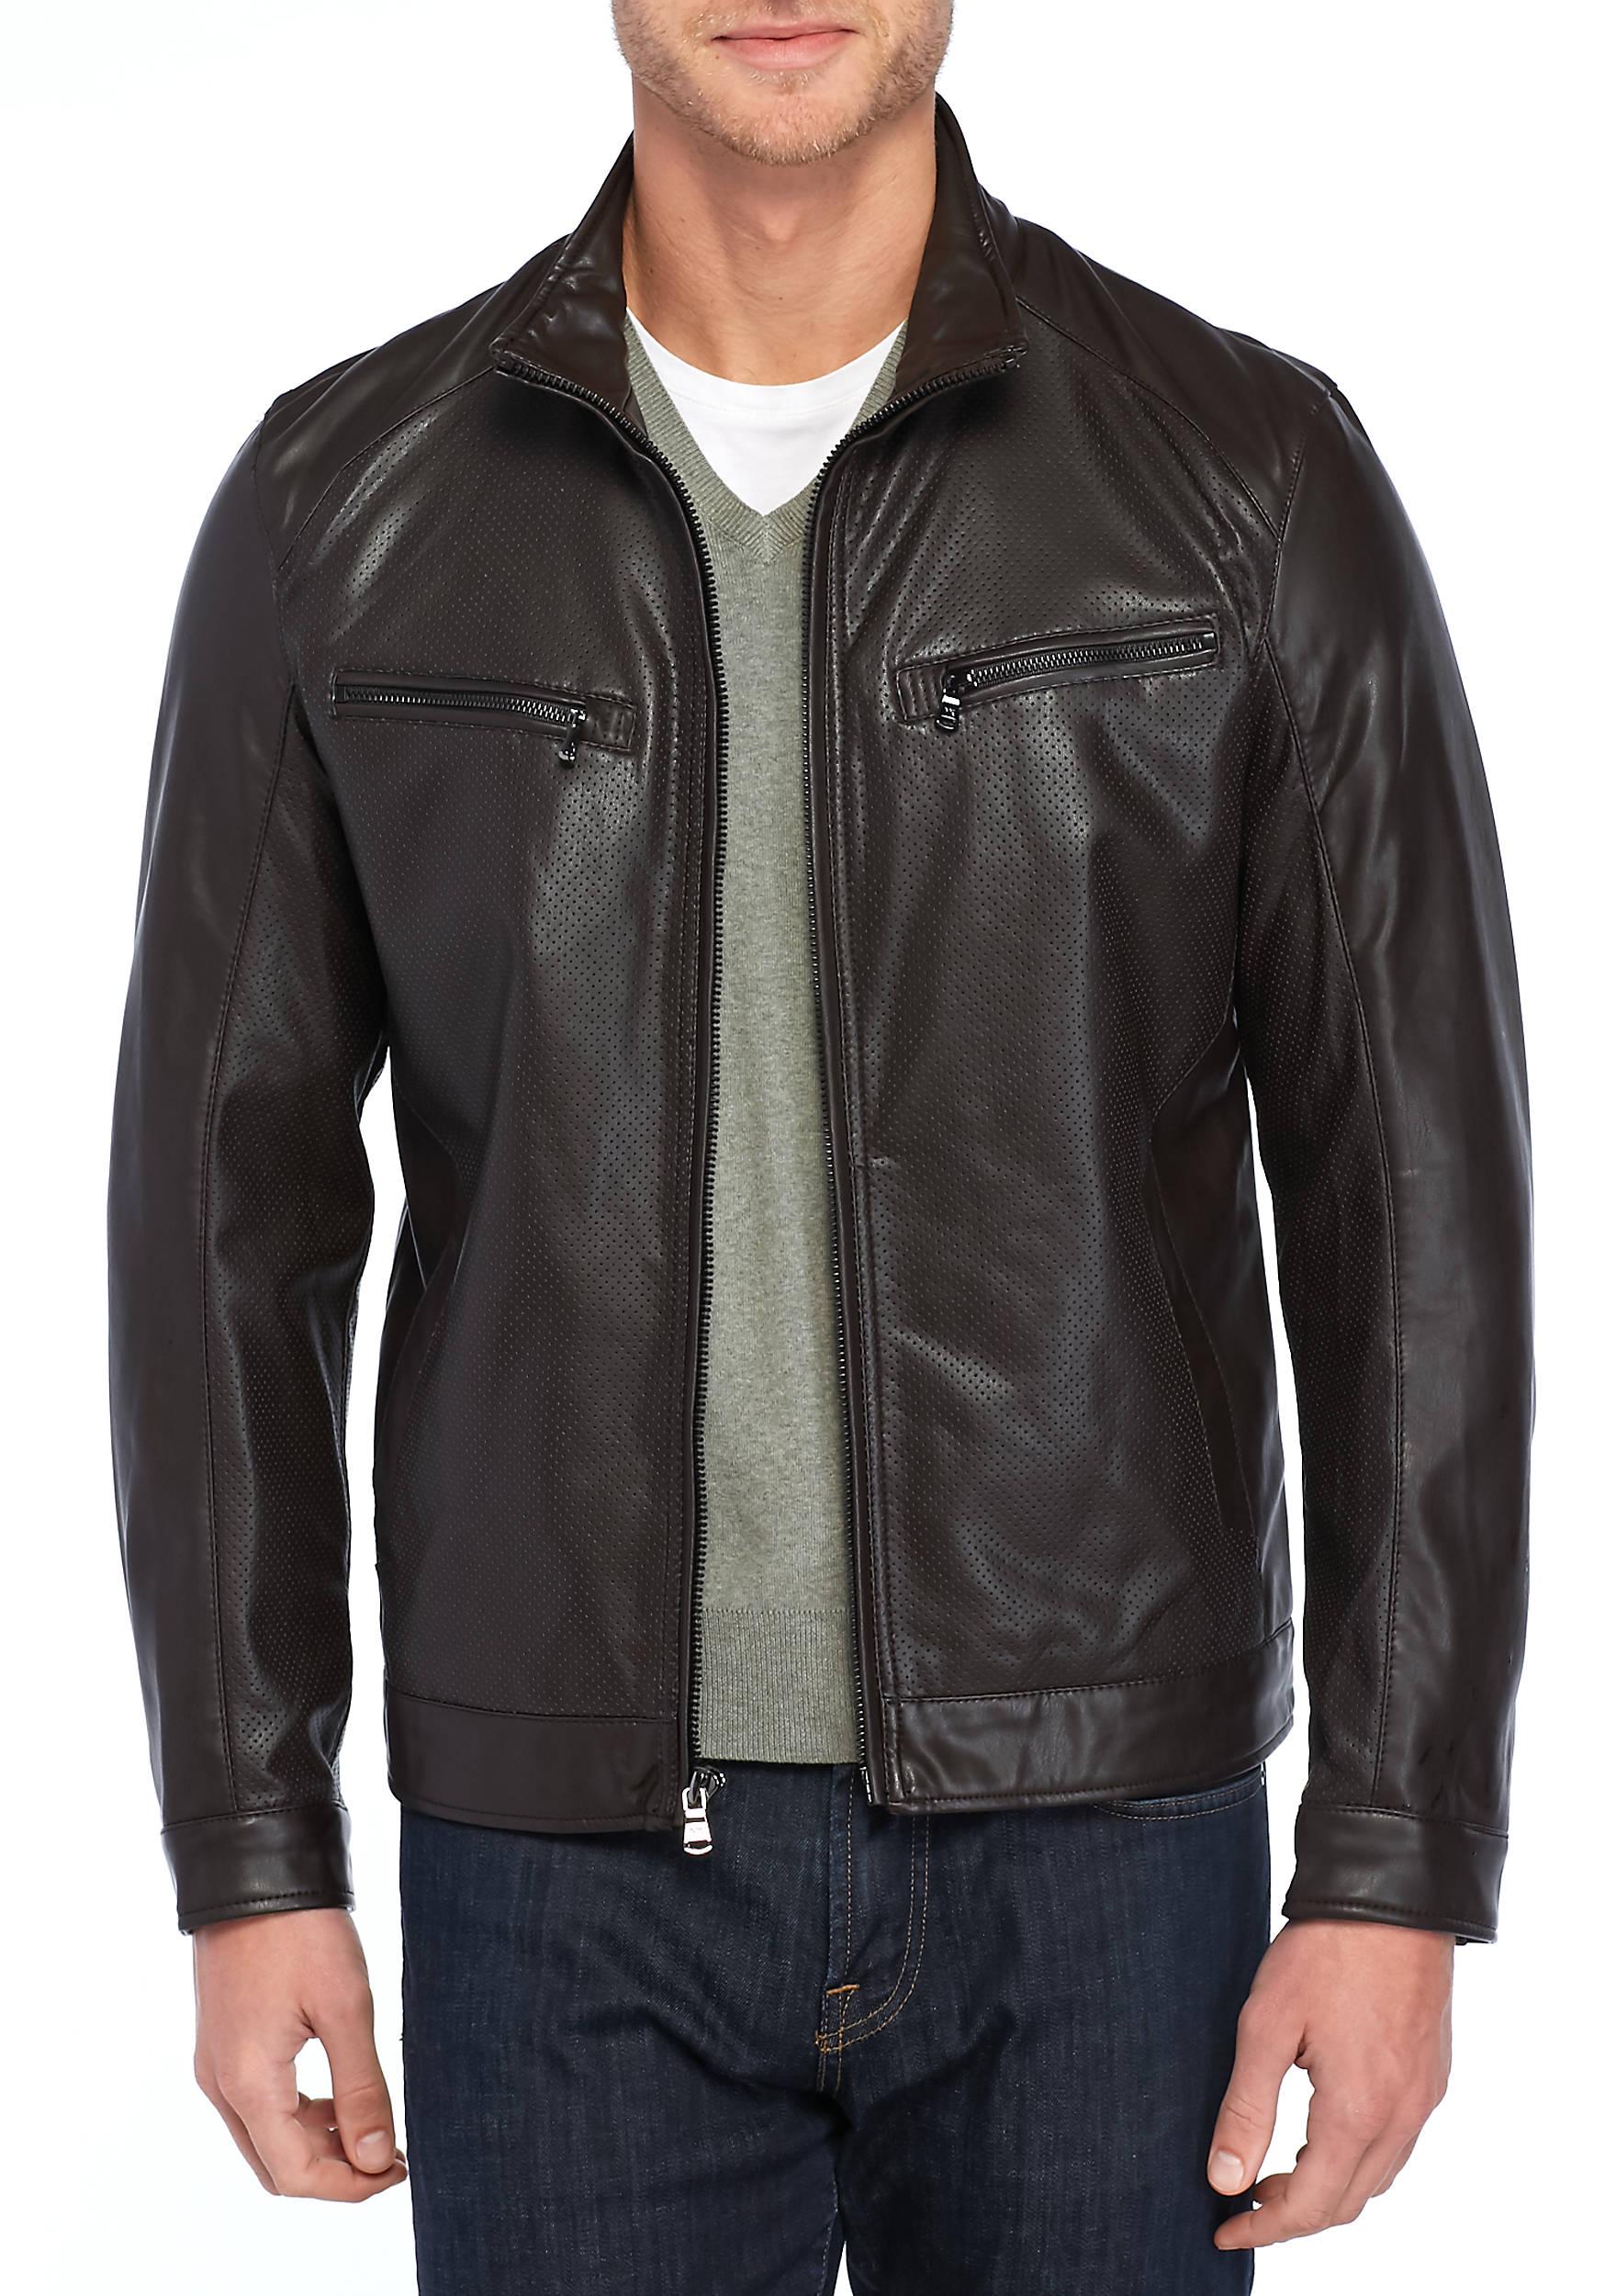 Men's Jackets & Coats   belk